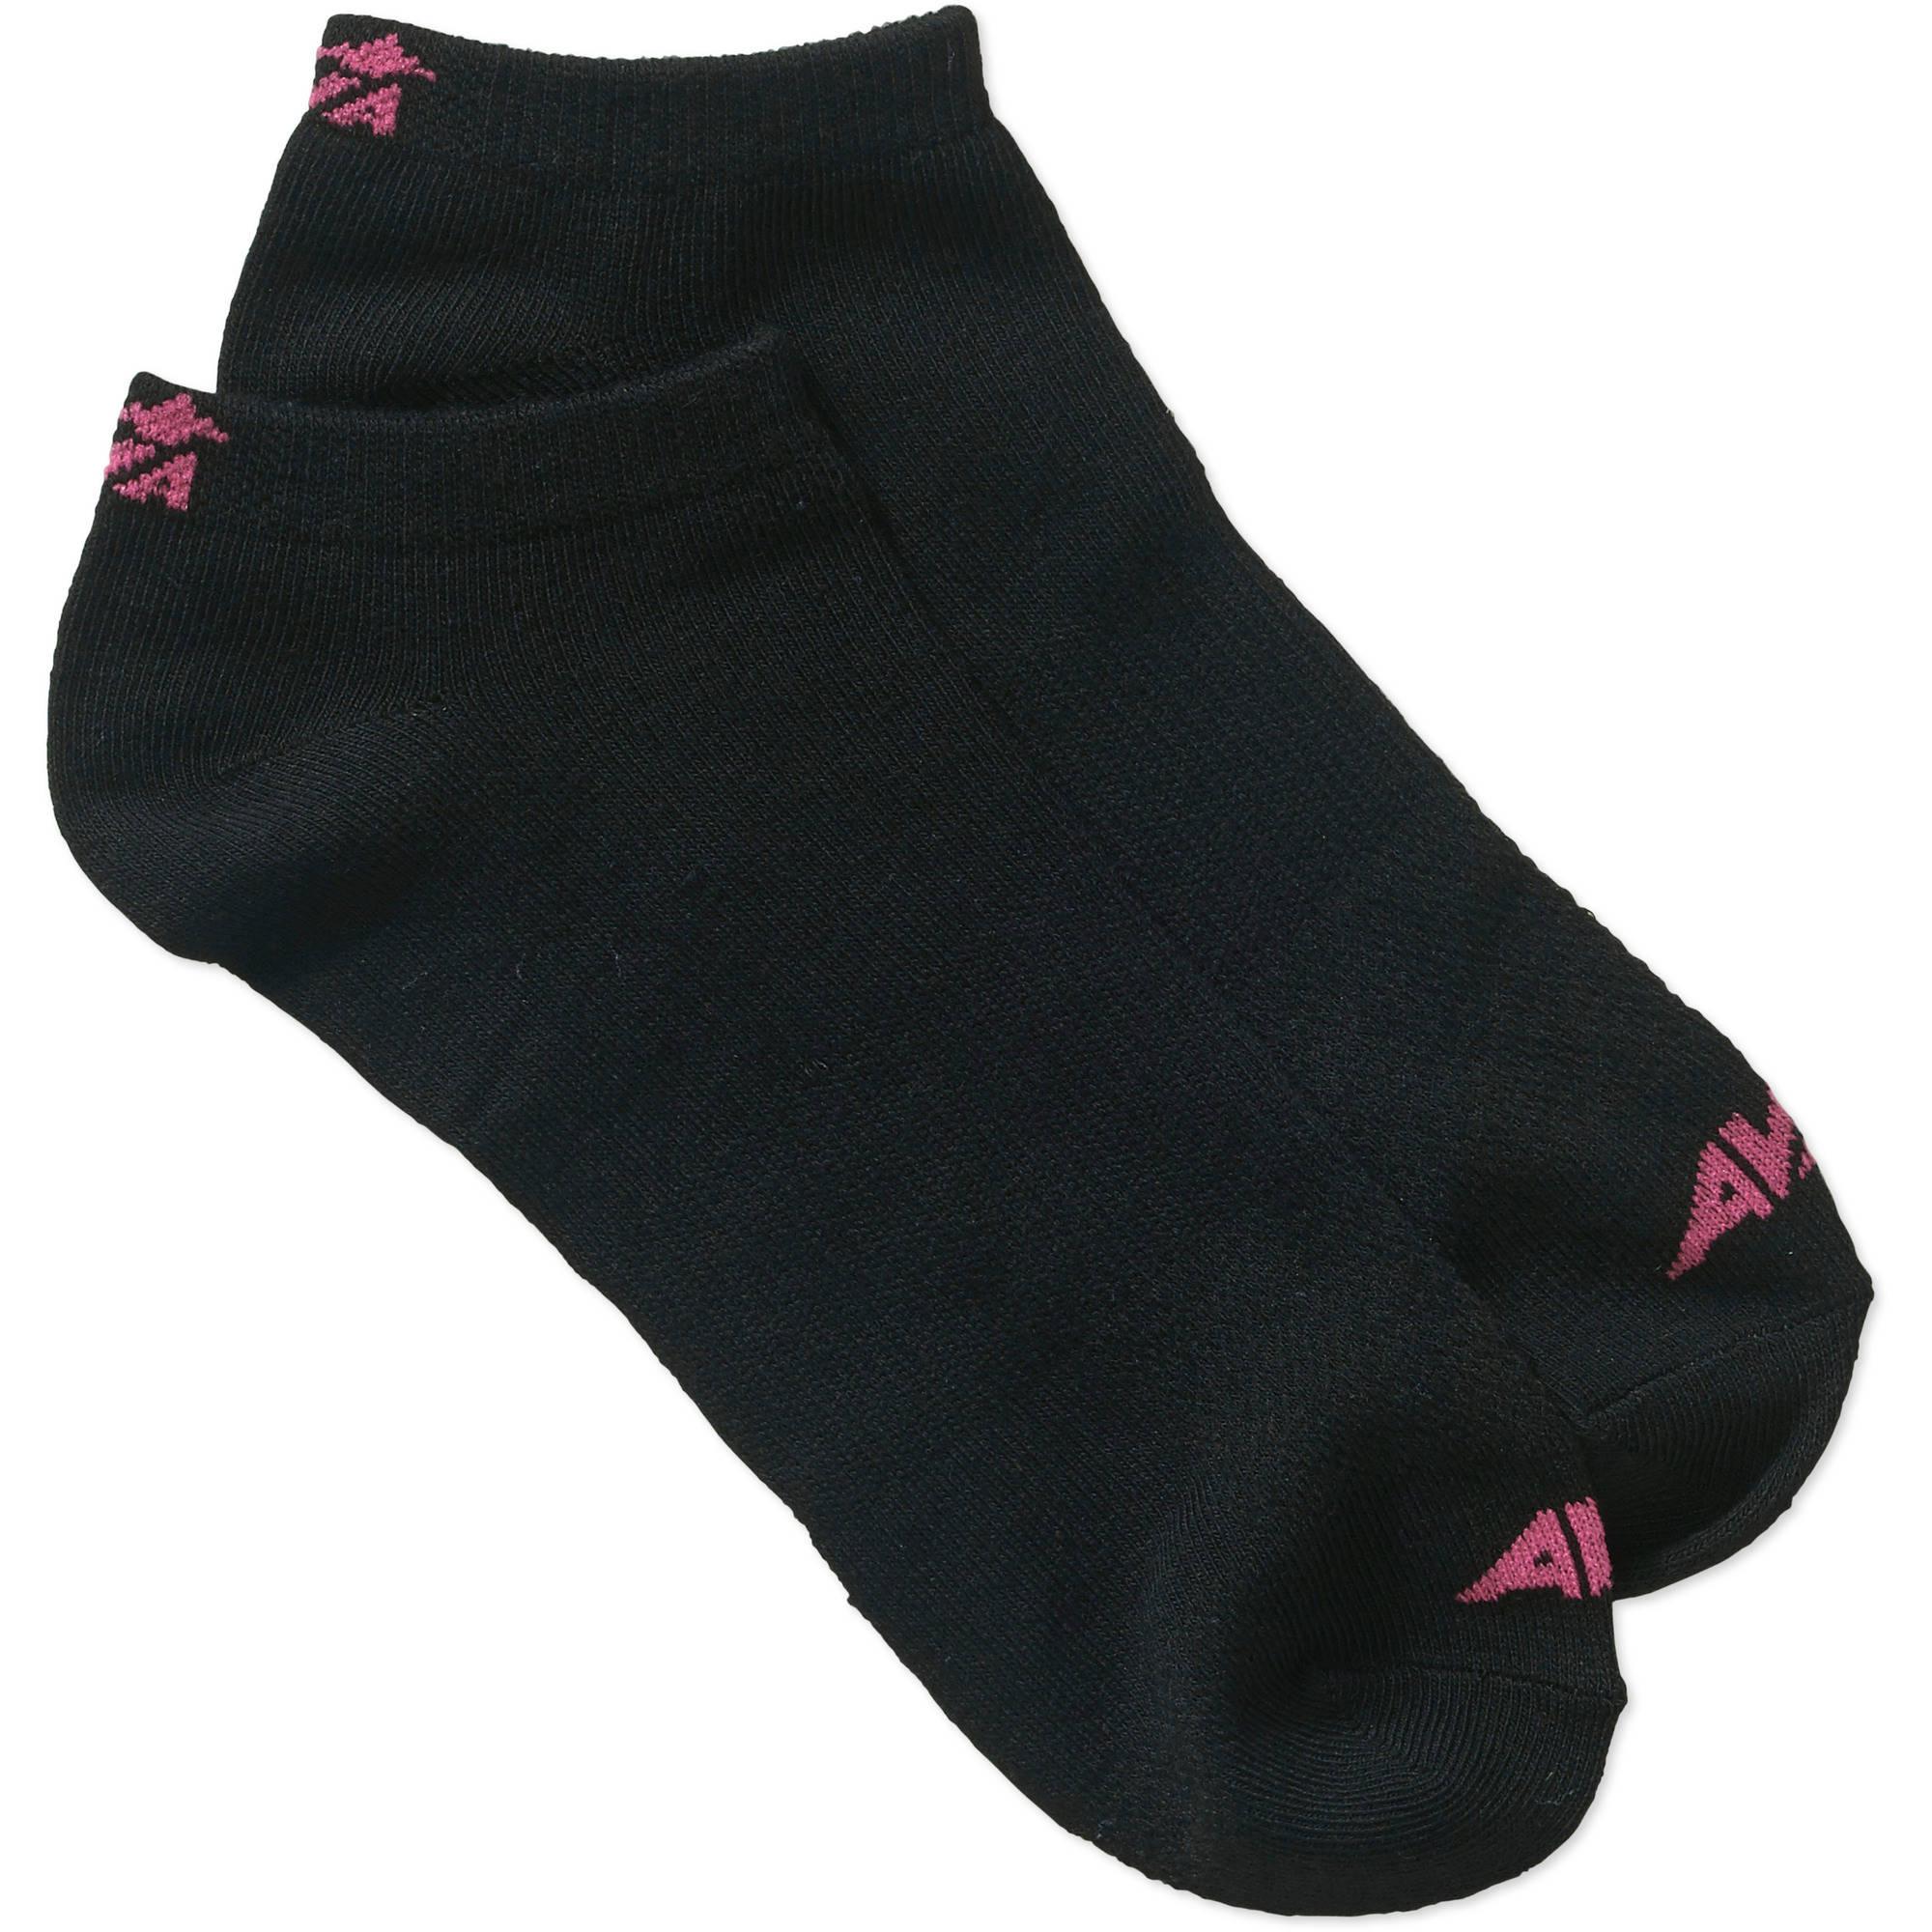 Ladies Performance Liner Low Cut Socks - 12 Pack